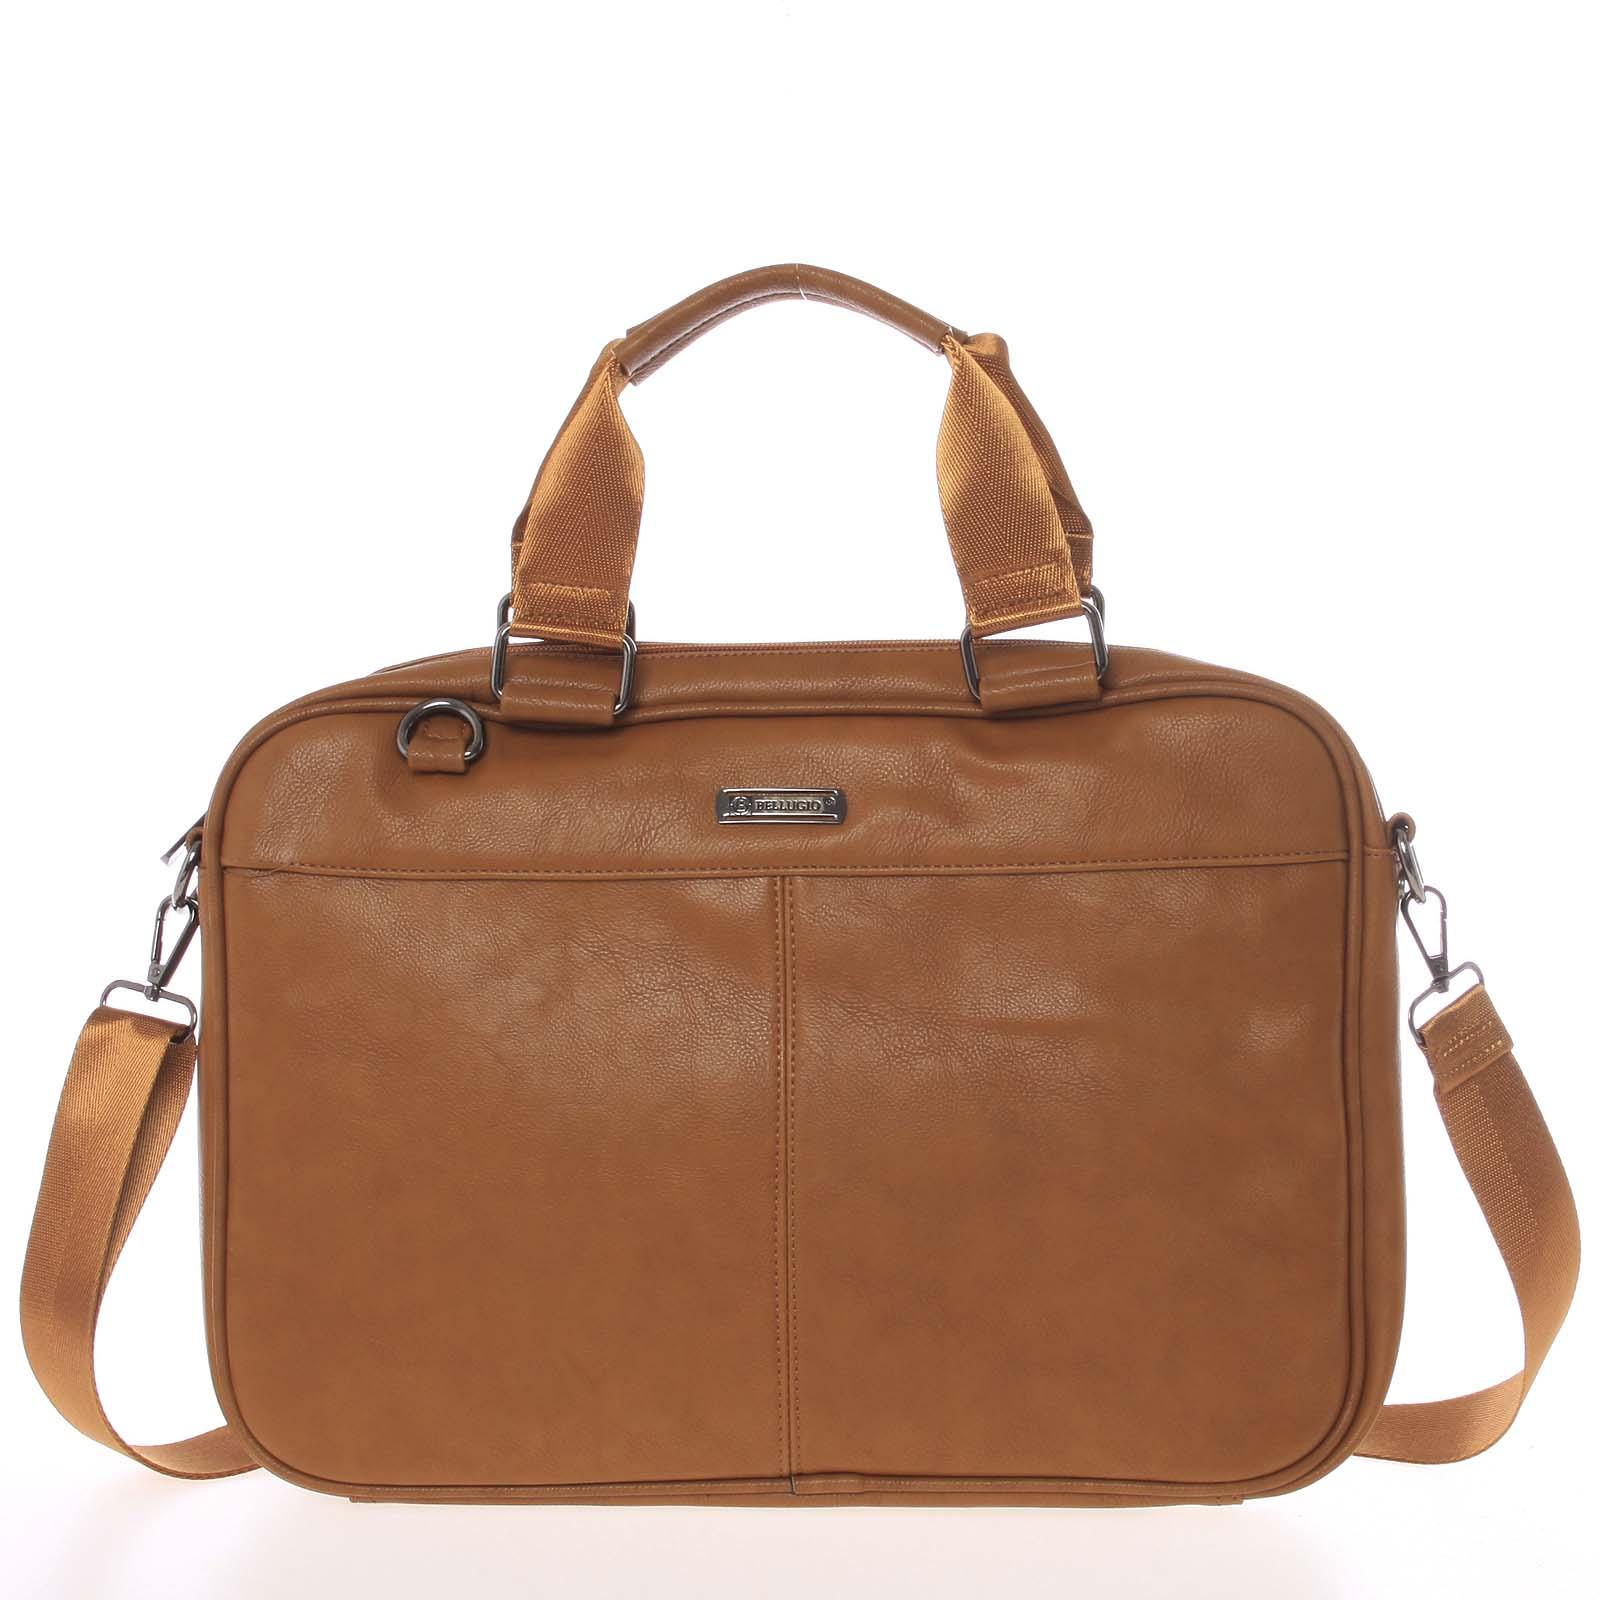 Měkká taška na spisy a notebook hnědá - Bellugio Maris